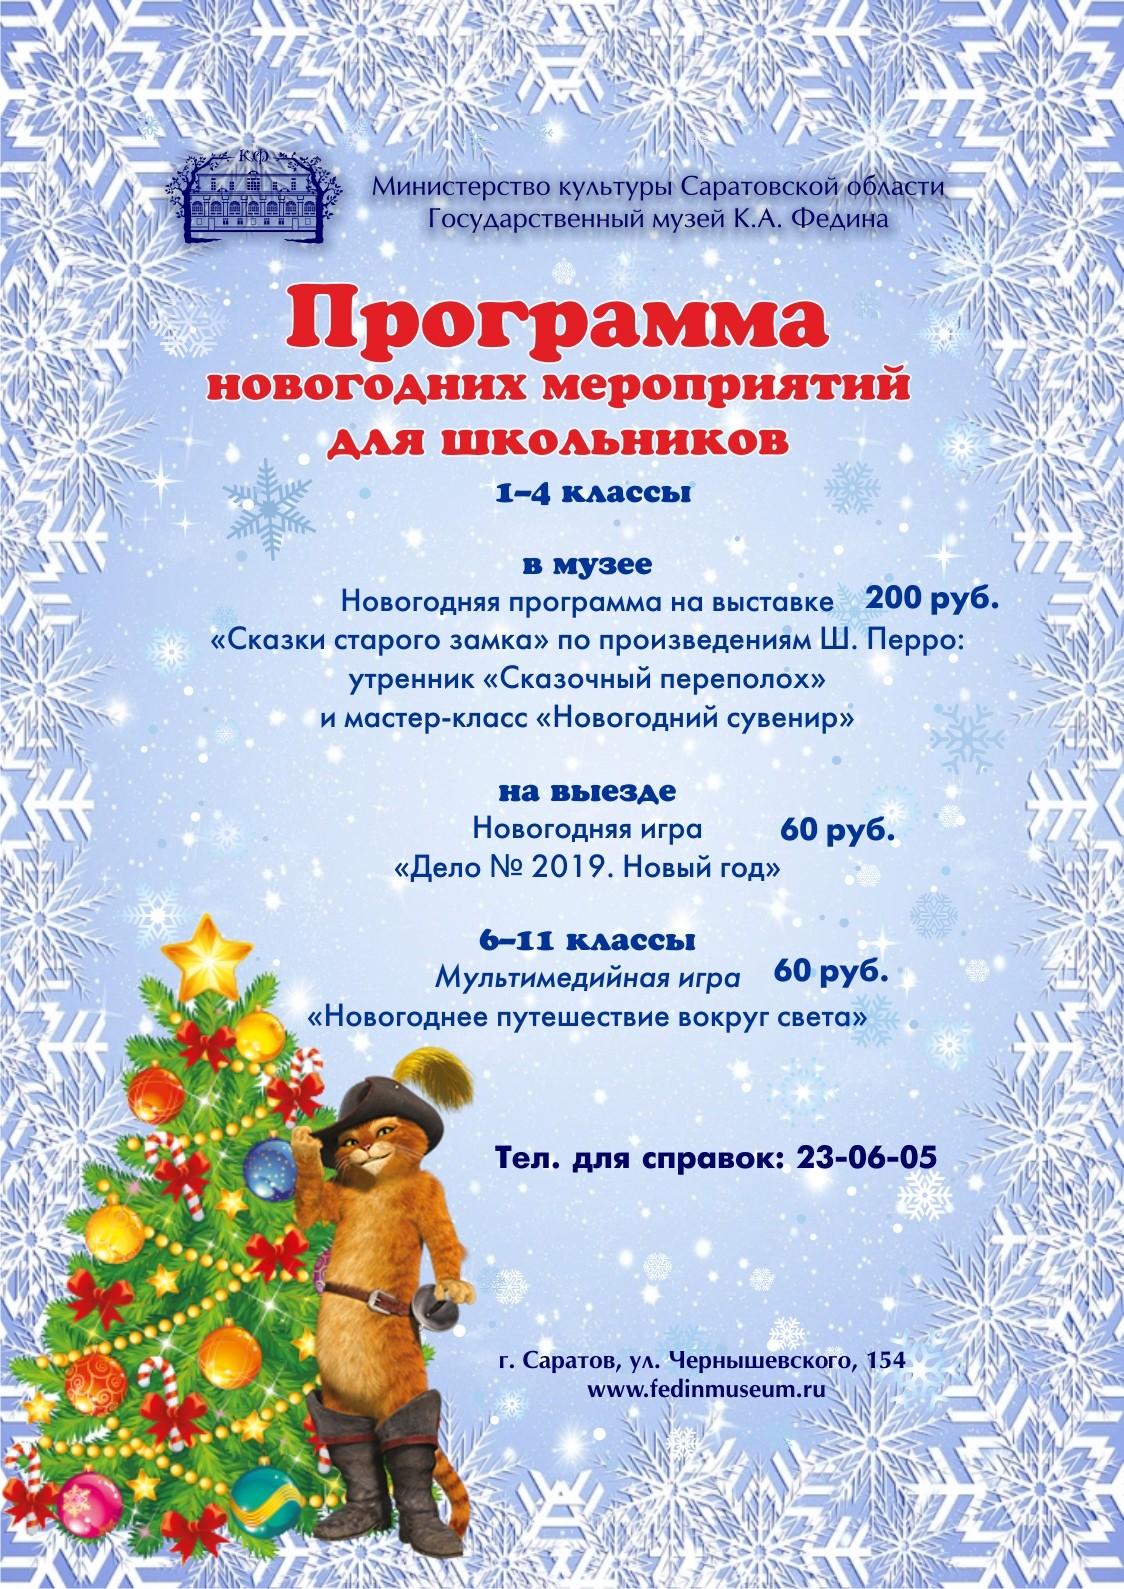 Новогодние мероприятия в Саратове в 2019 году картинки